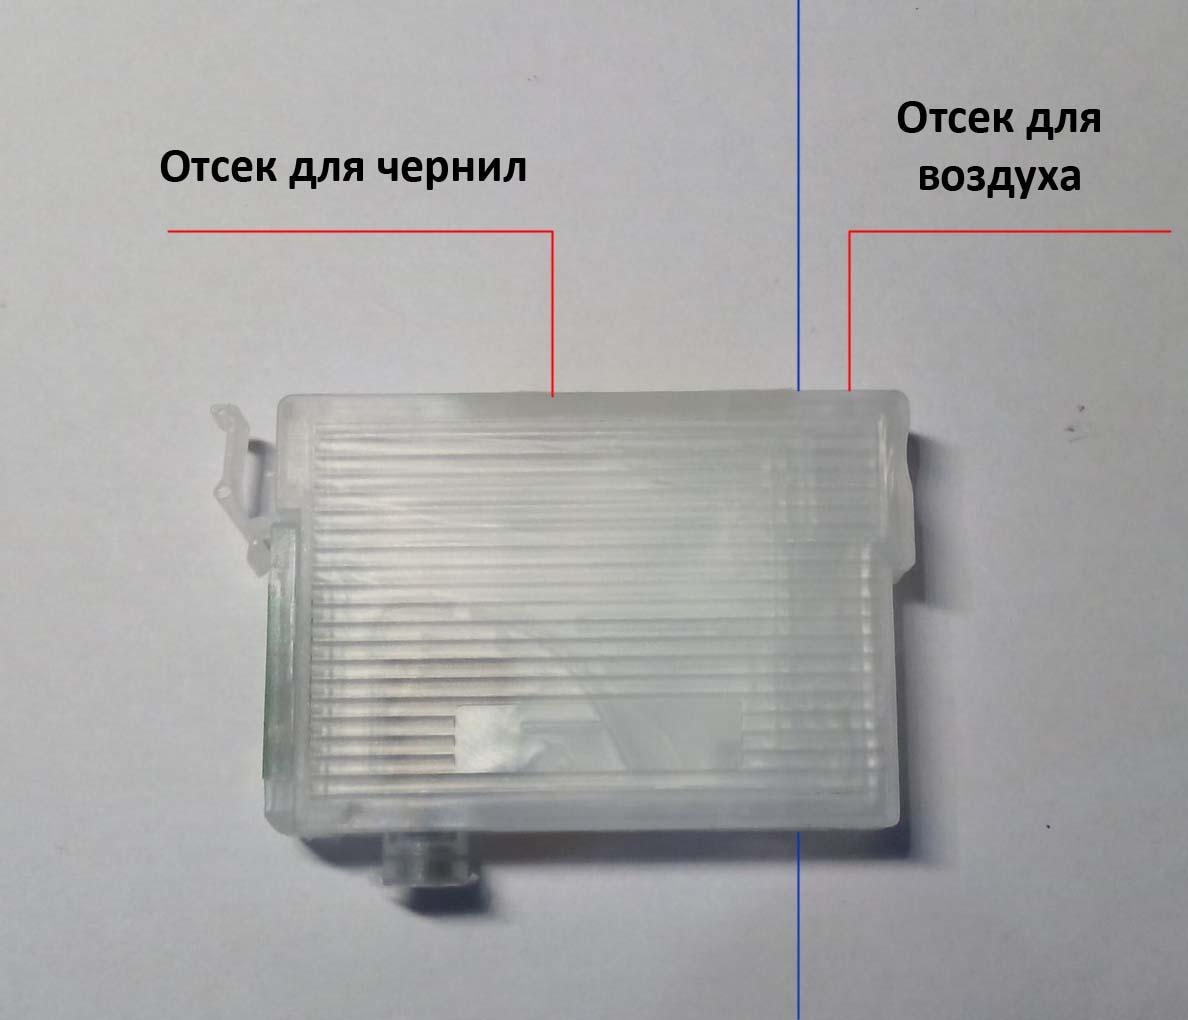 ПЗК, перезаправляемый картридж, отсек для воздуха и отсек для чернил